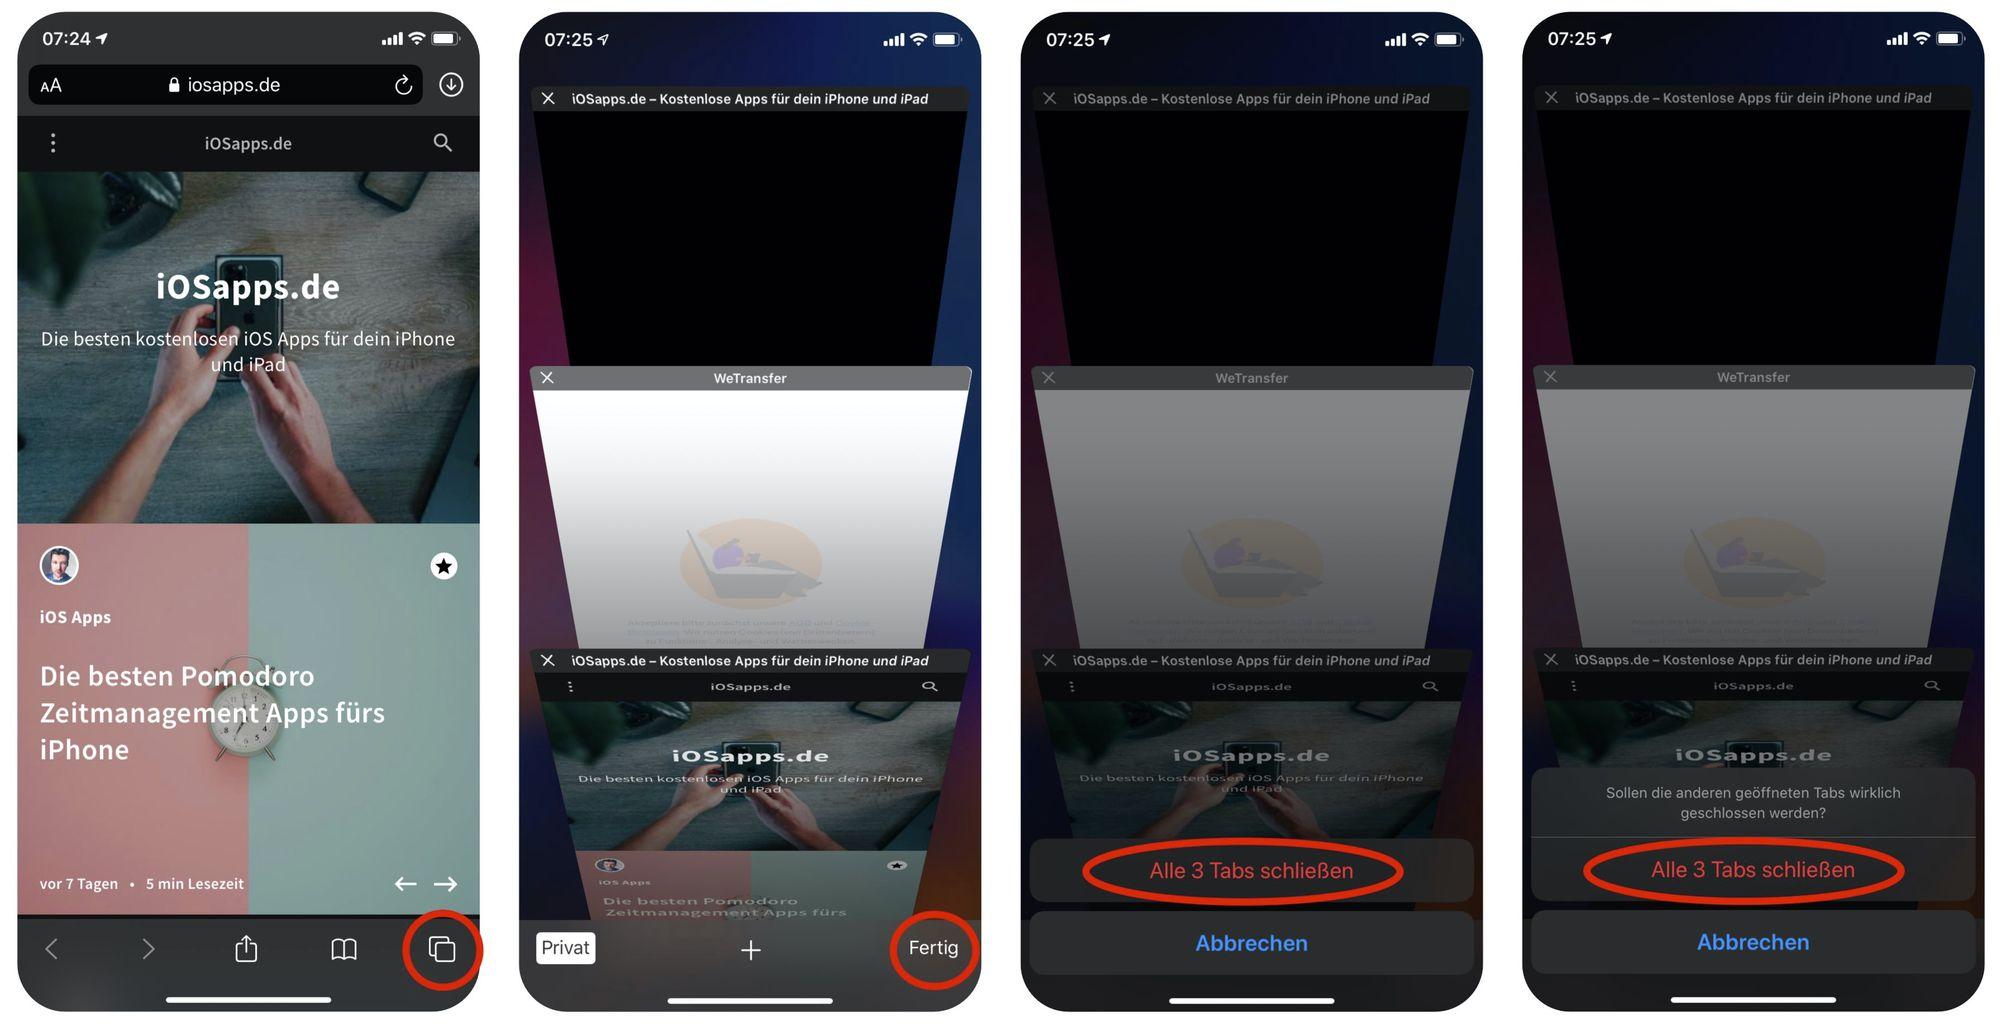 Alle Tabs in Safari auf dem iPhone schließen Anleitung